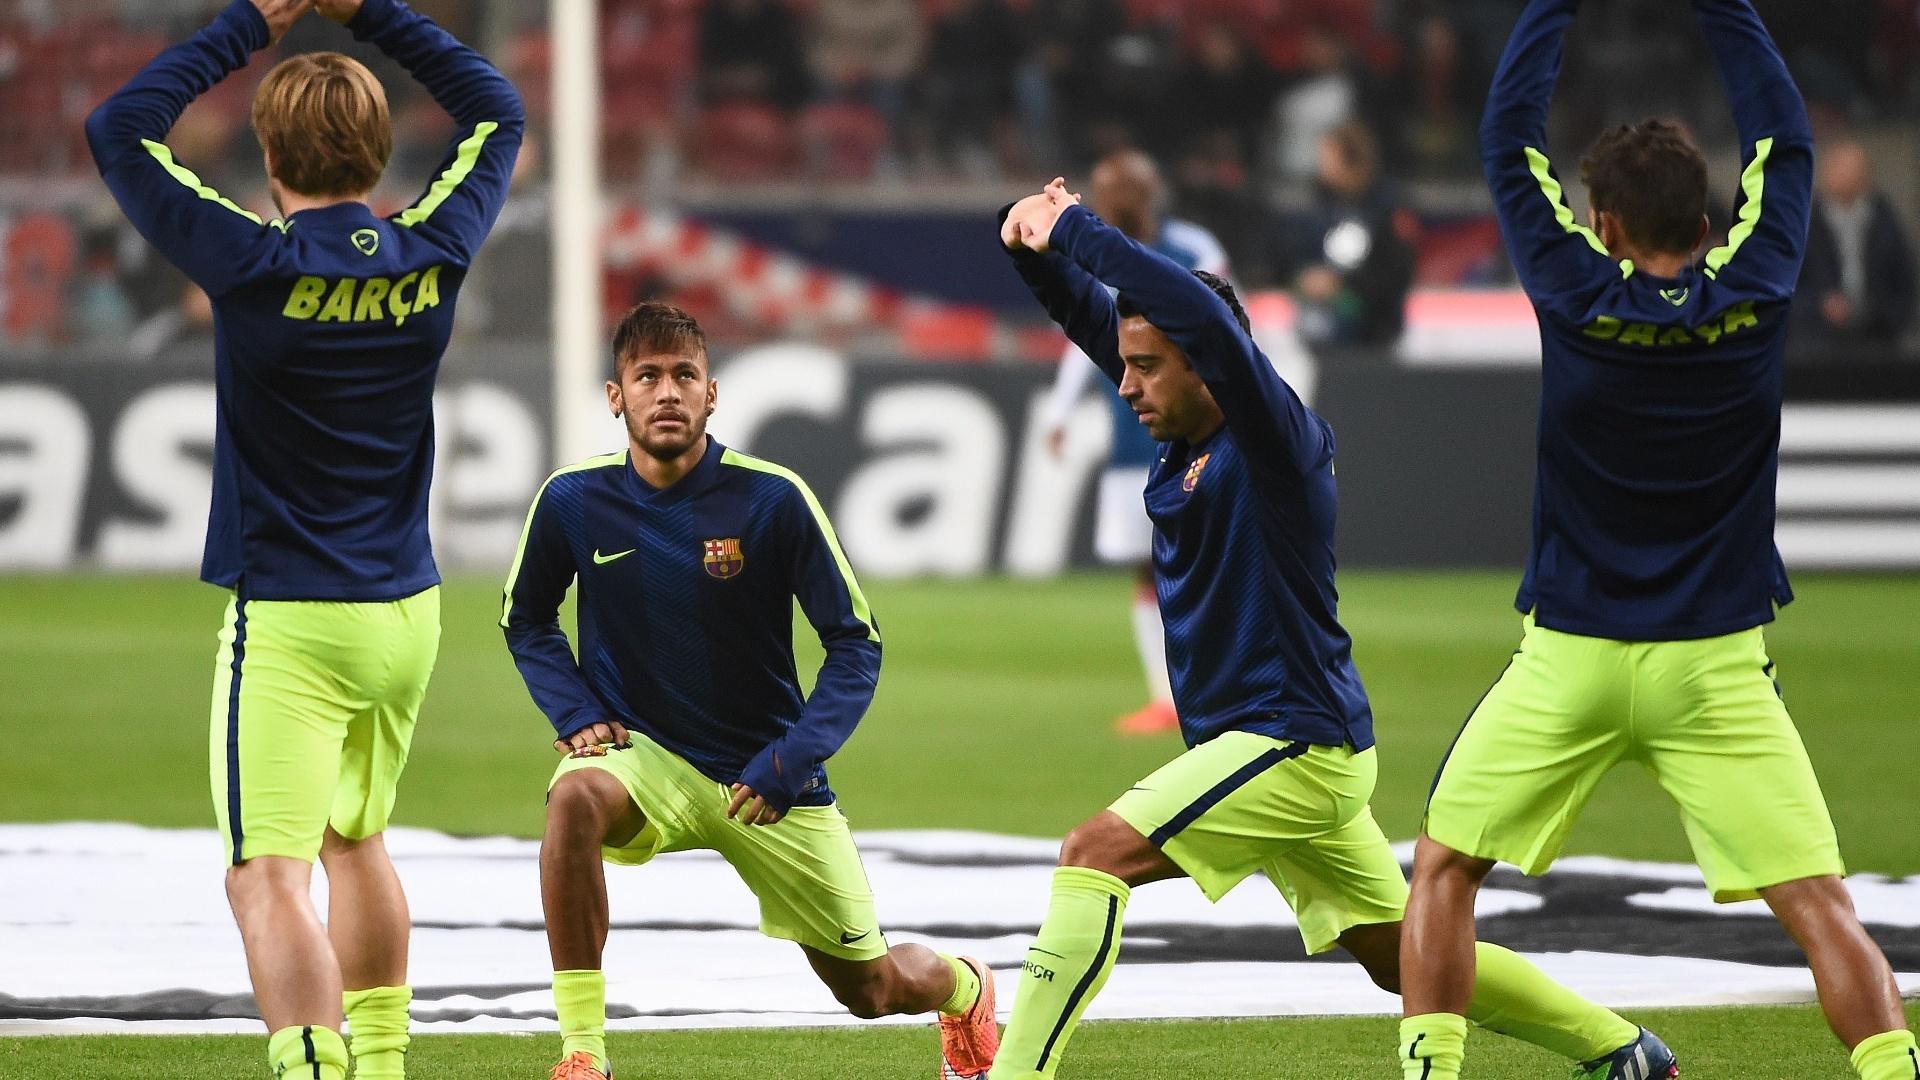 Neymar faz aquecimento antes do jogo do Barcelona pela Liga dos Campeões